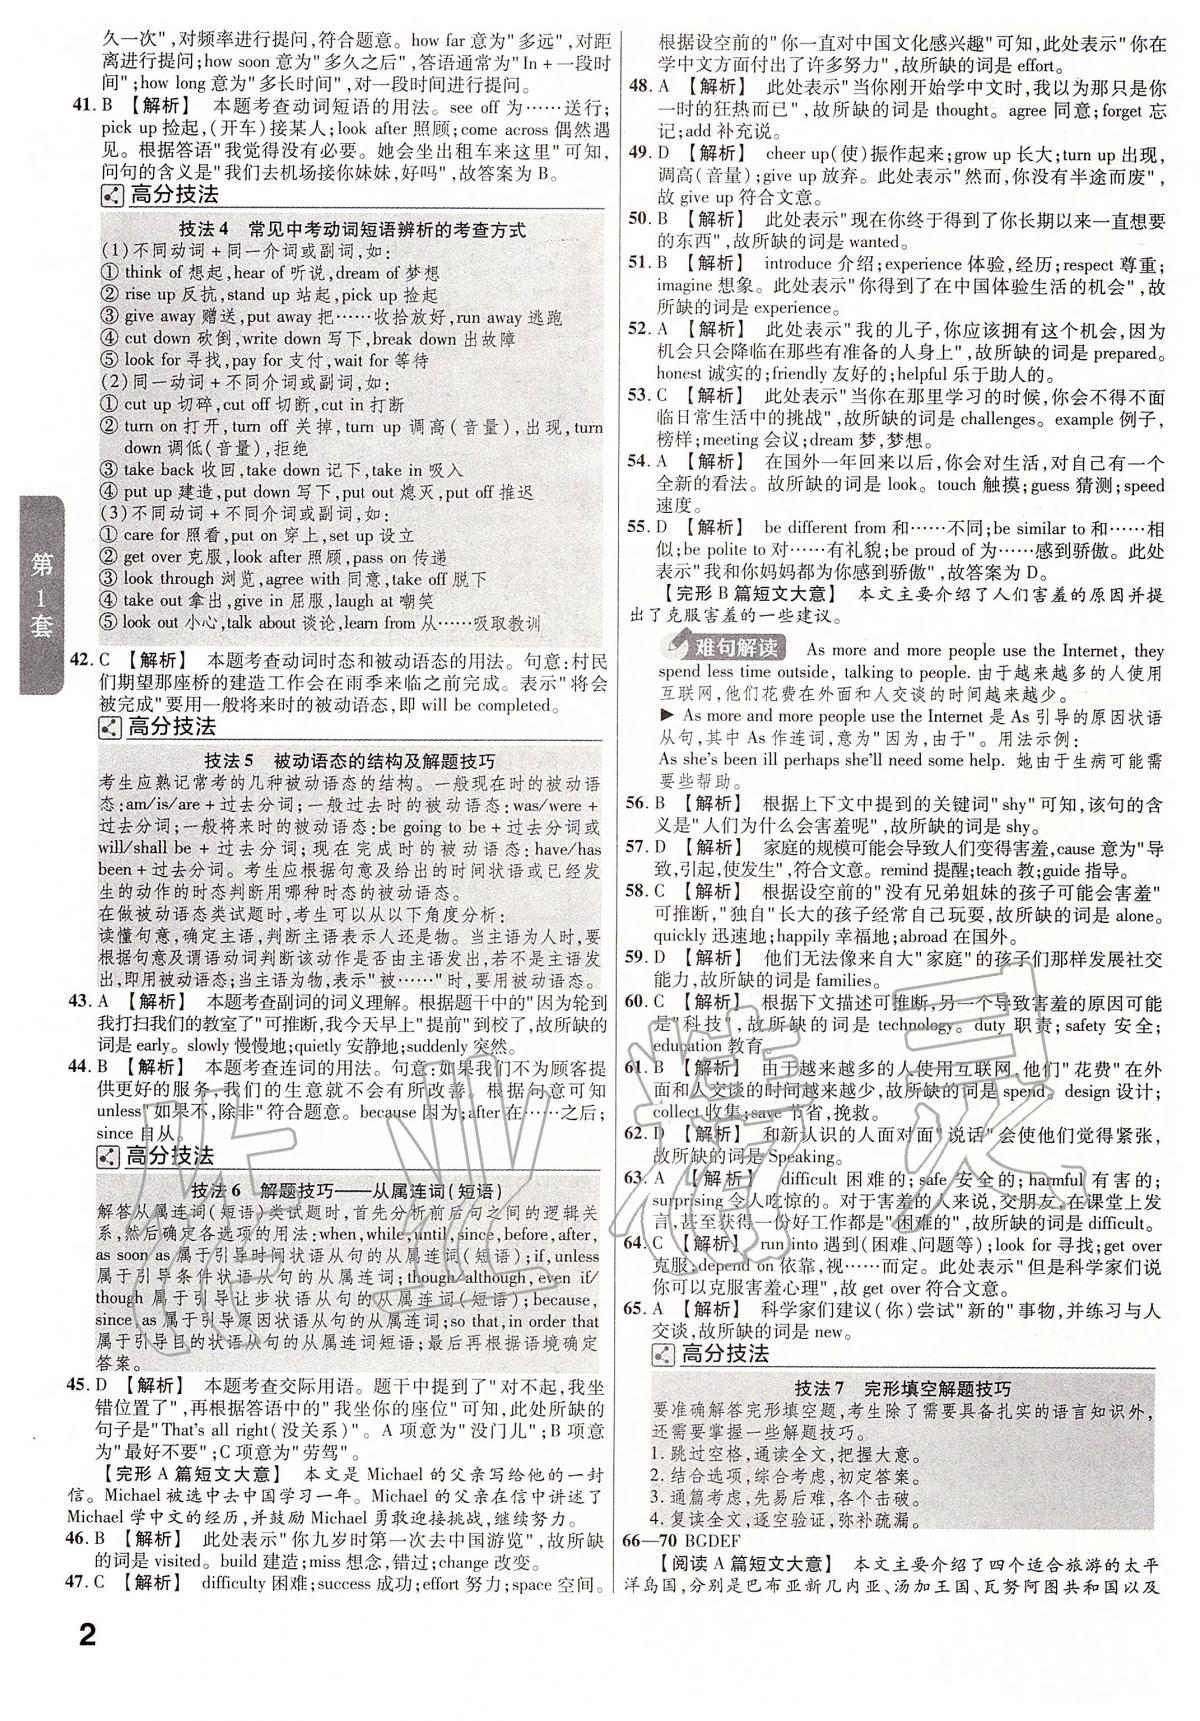 2020年金考卷安徽中考45套汇编英语第2页